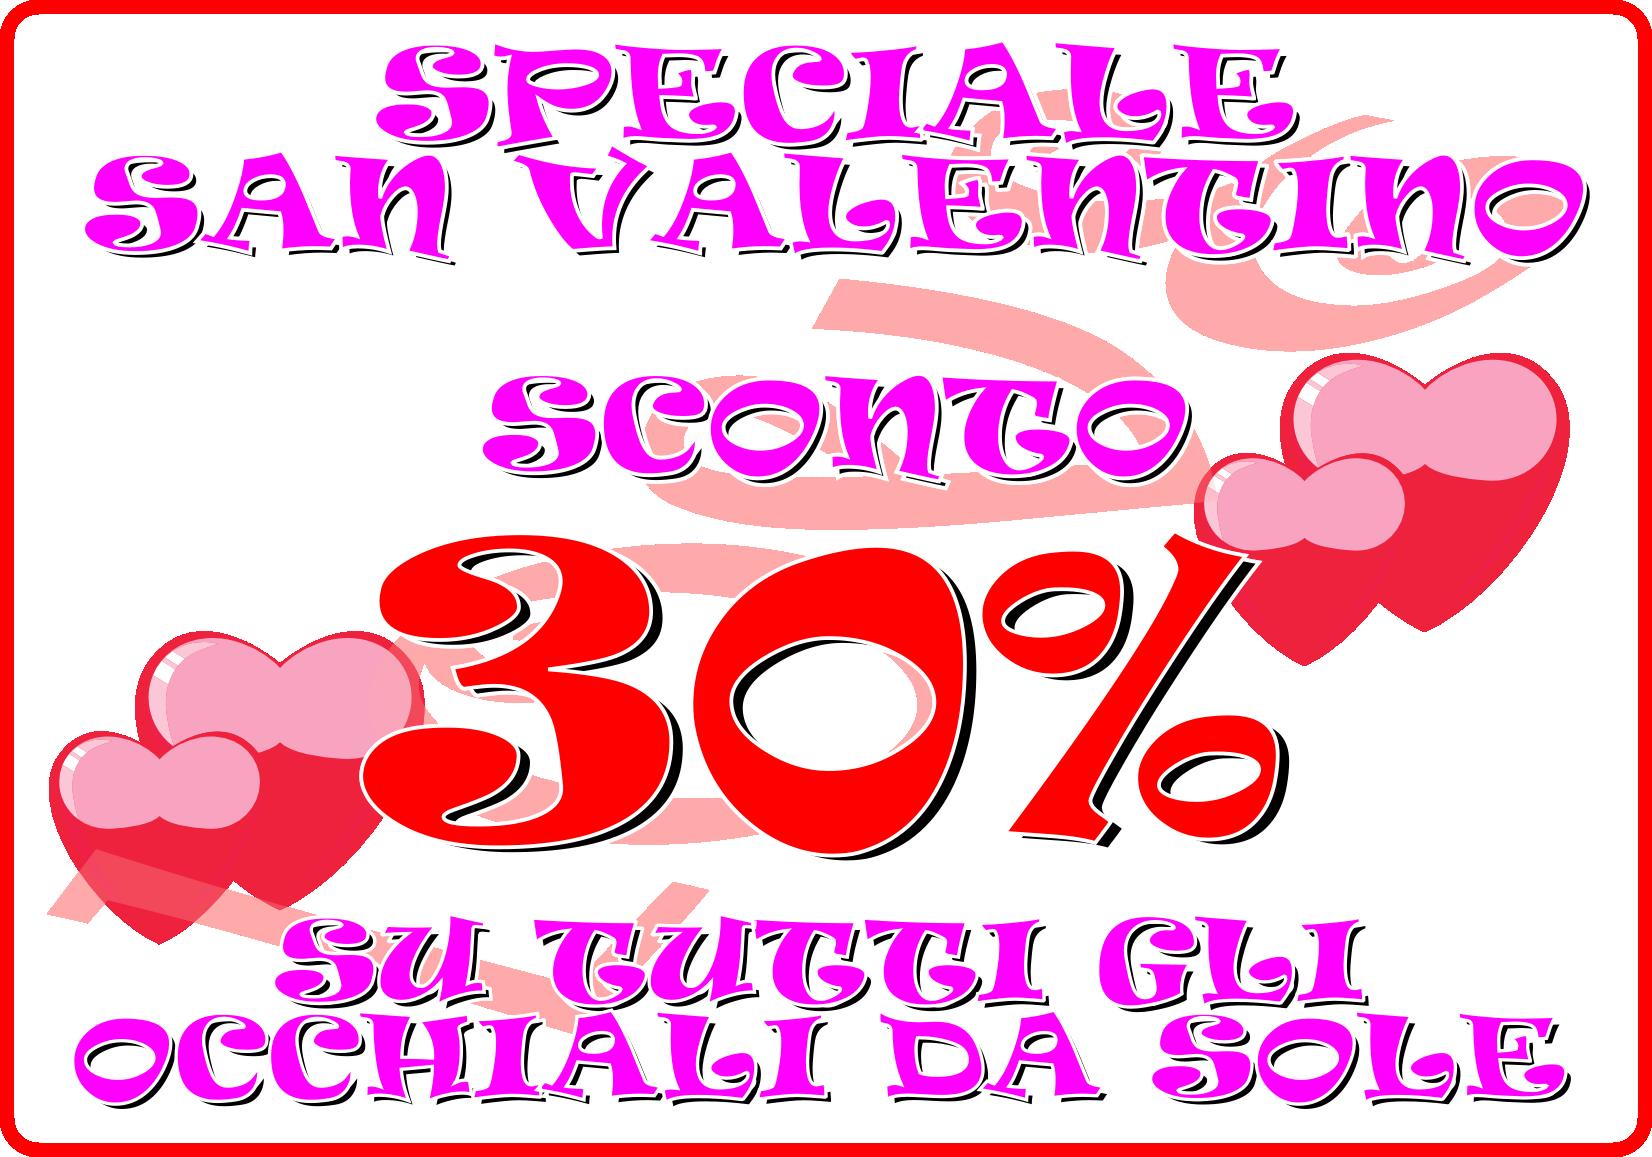 San Valentino è più bello con gli sconti di Ottica Galli Atelier!